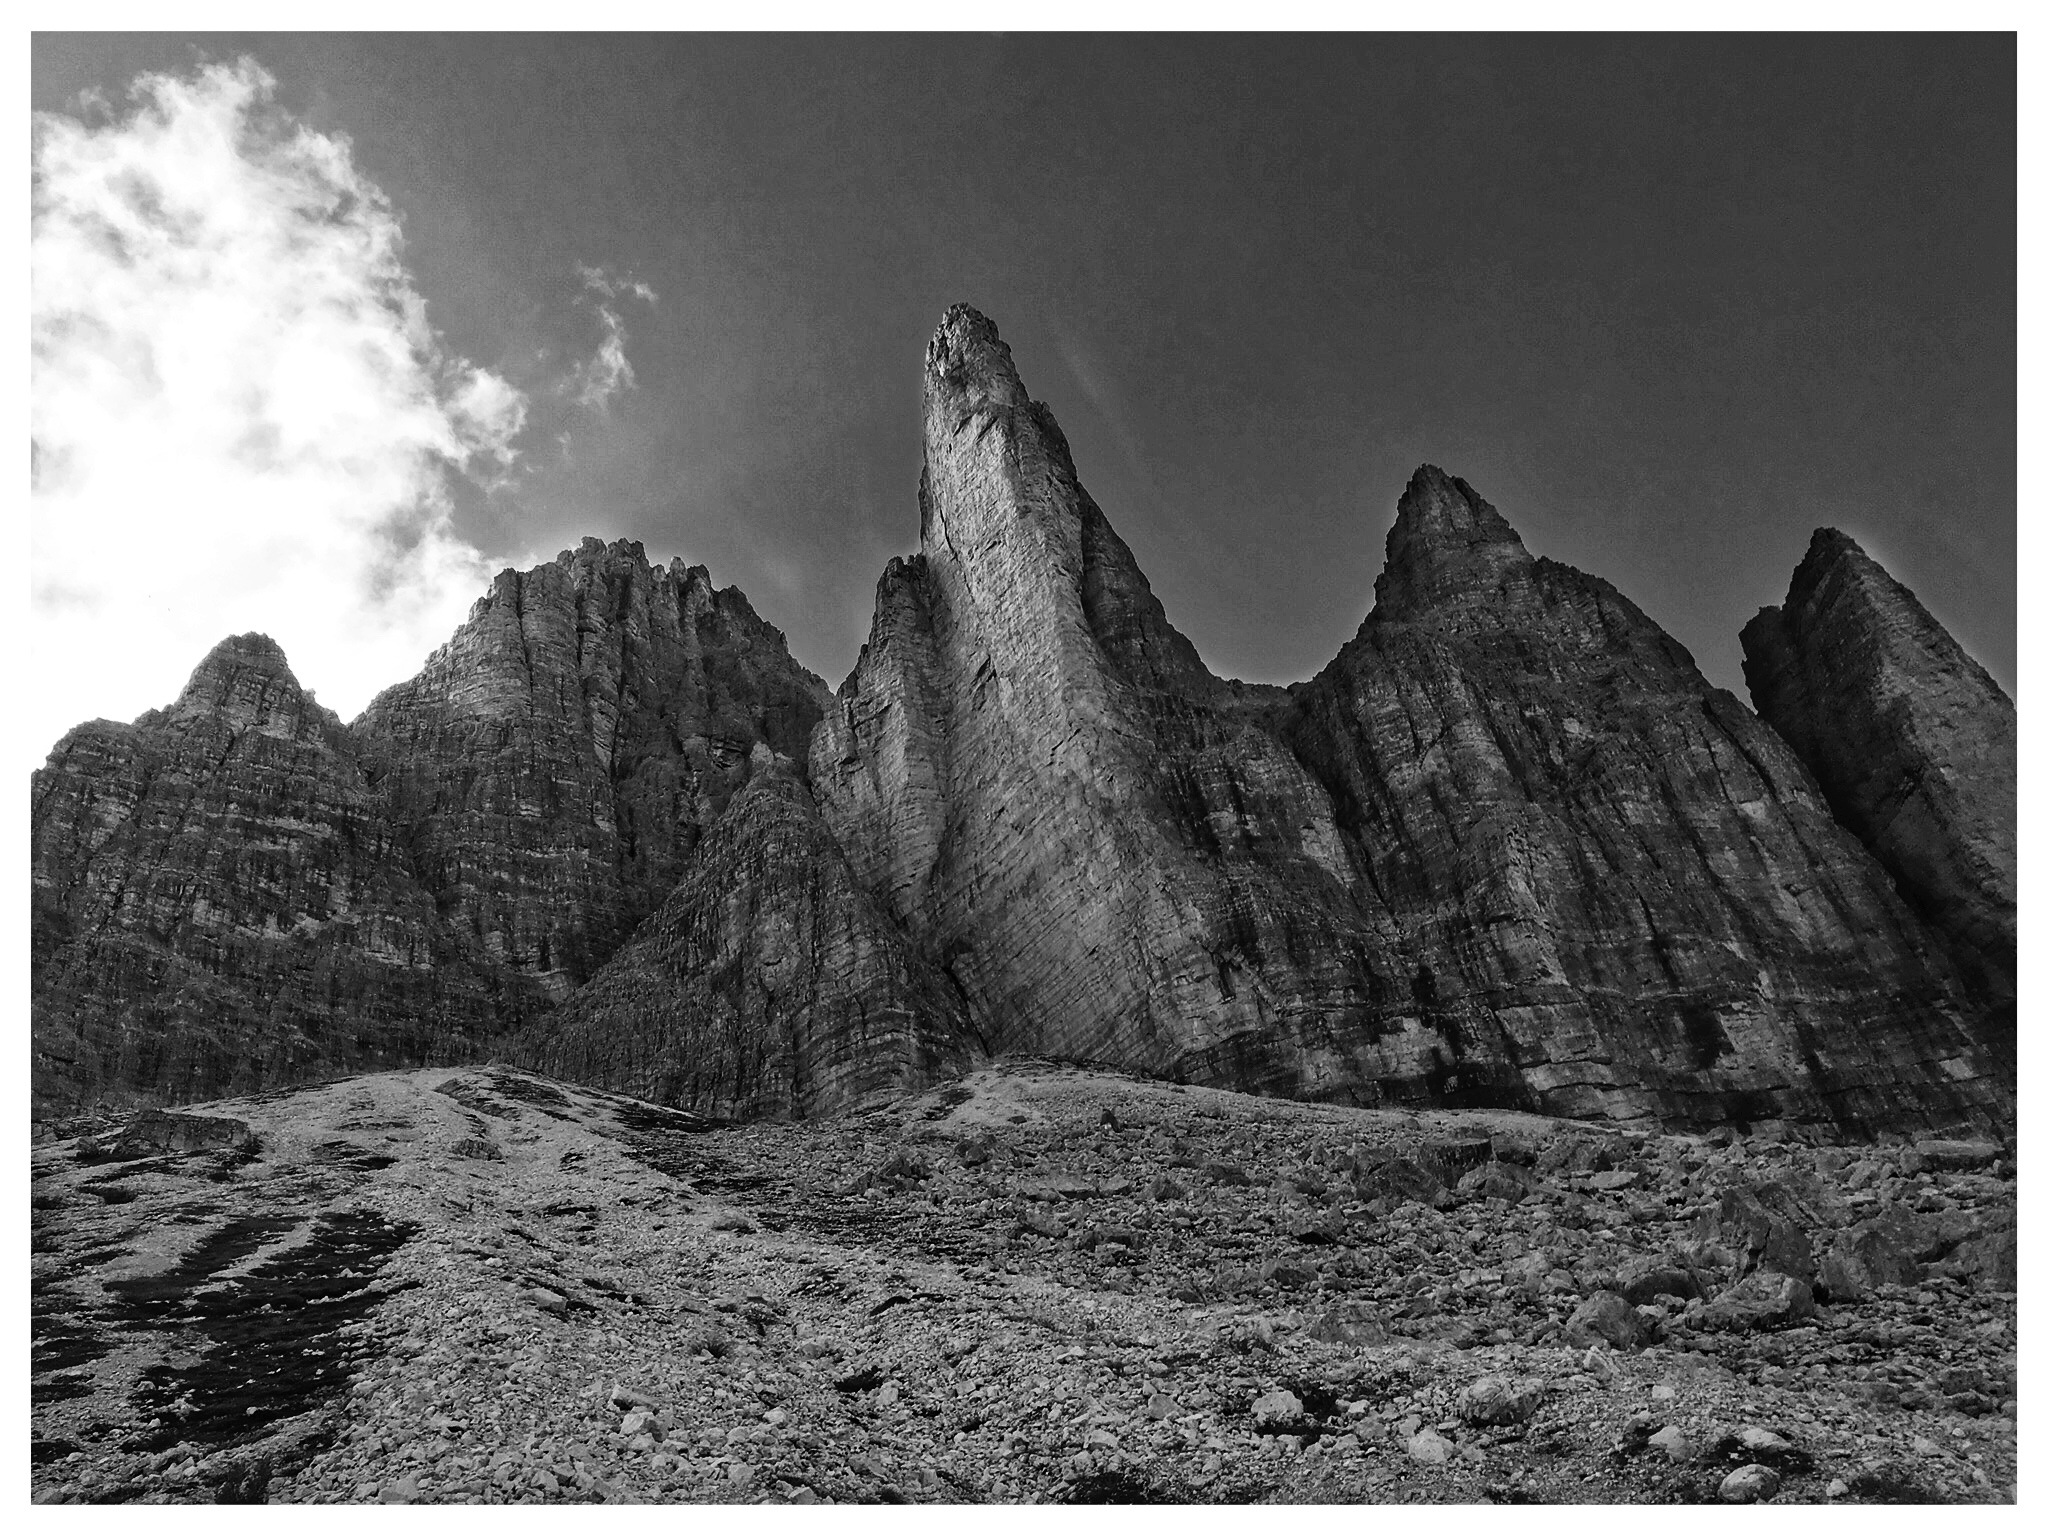 Three Peaks/Dolomites/Tyrol by adonismalamos1